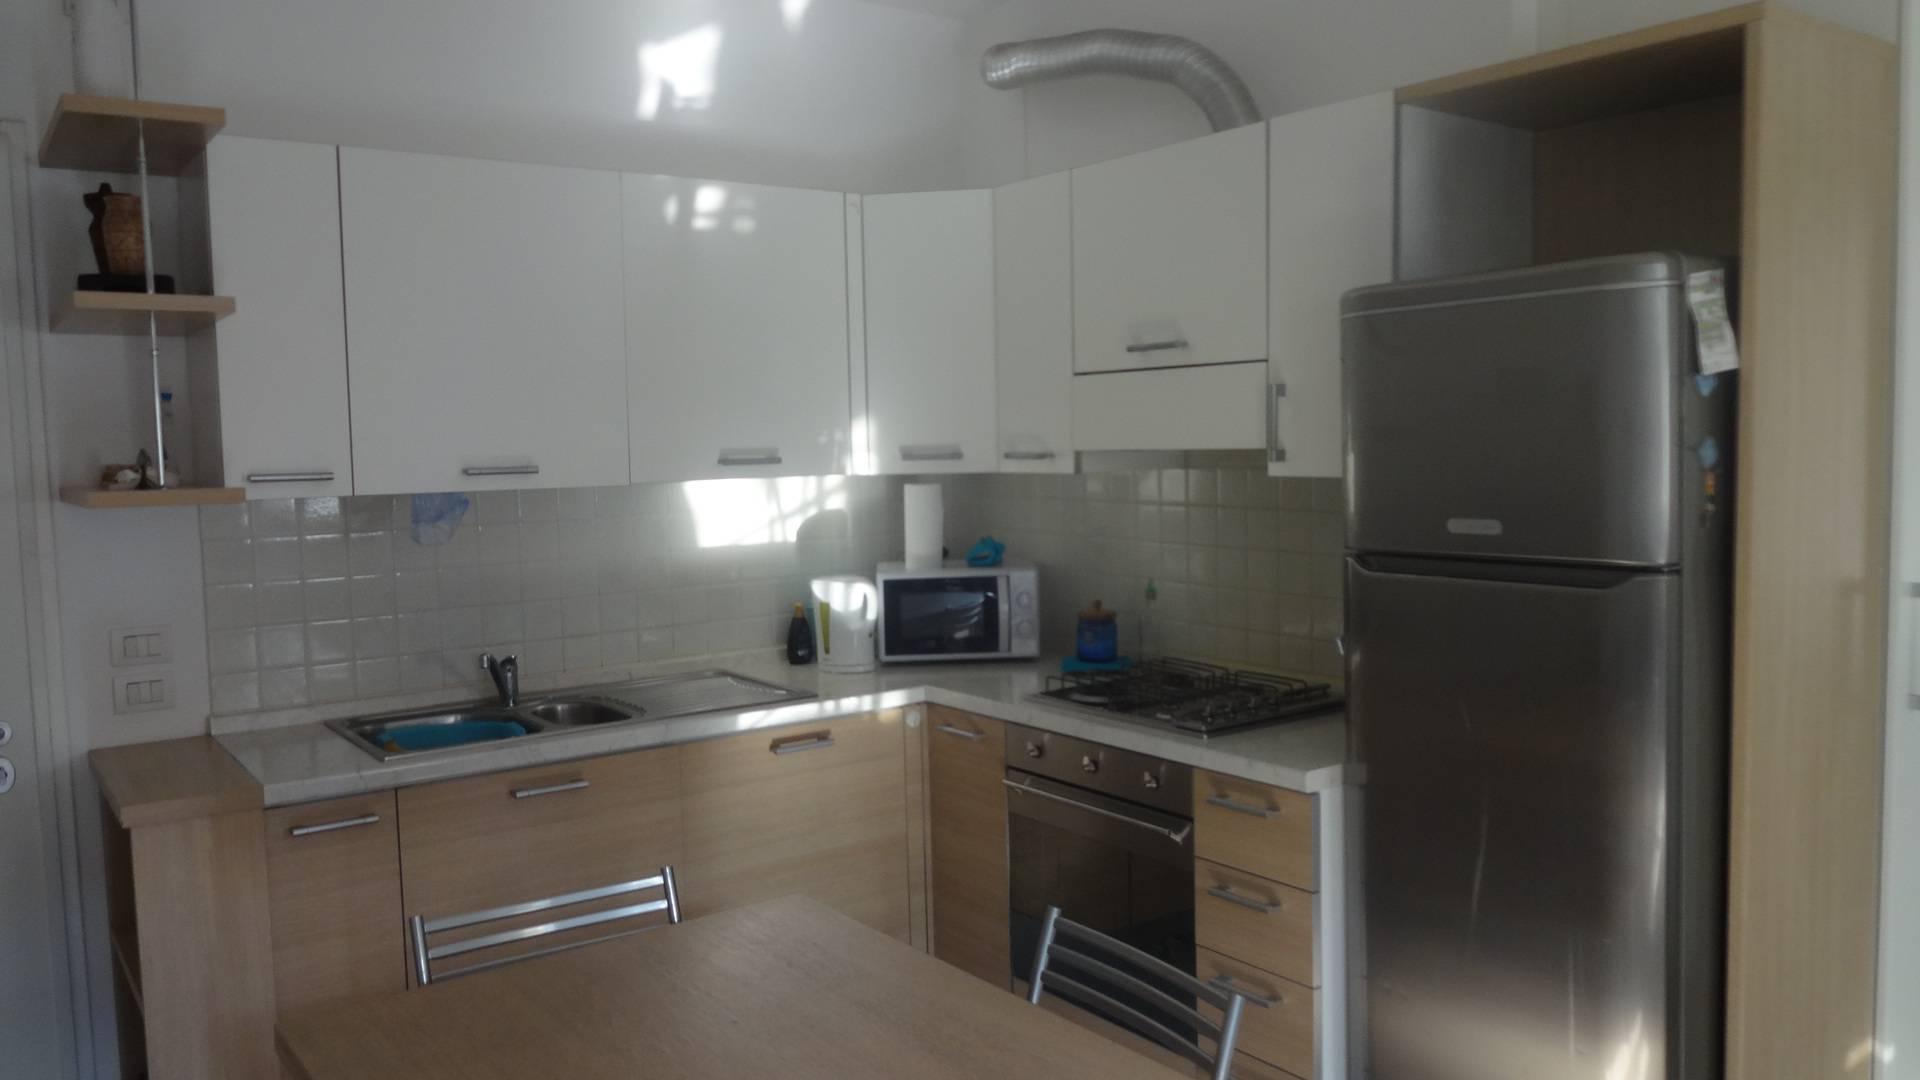 Appartamento in affitto a Montebelluna, 2 locali, zona Località: LaPieve, prezzo € 440   Cambio Casa.it